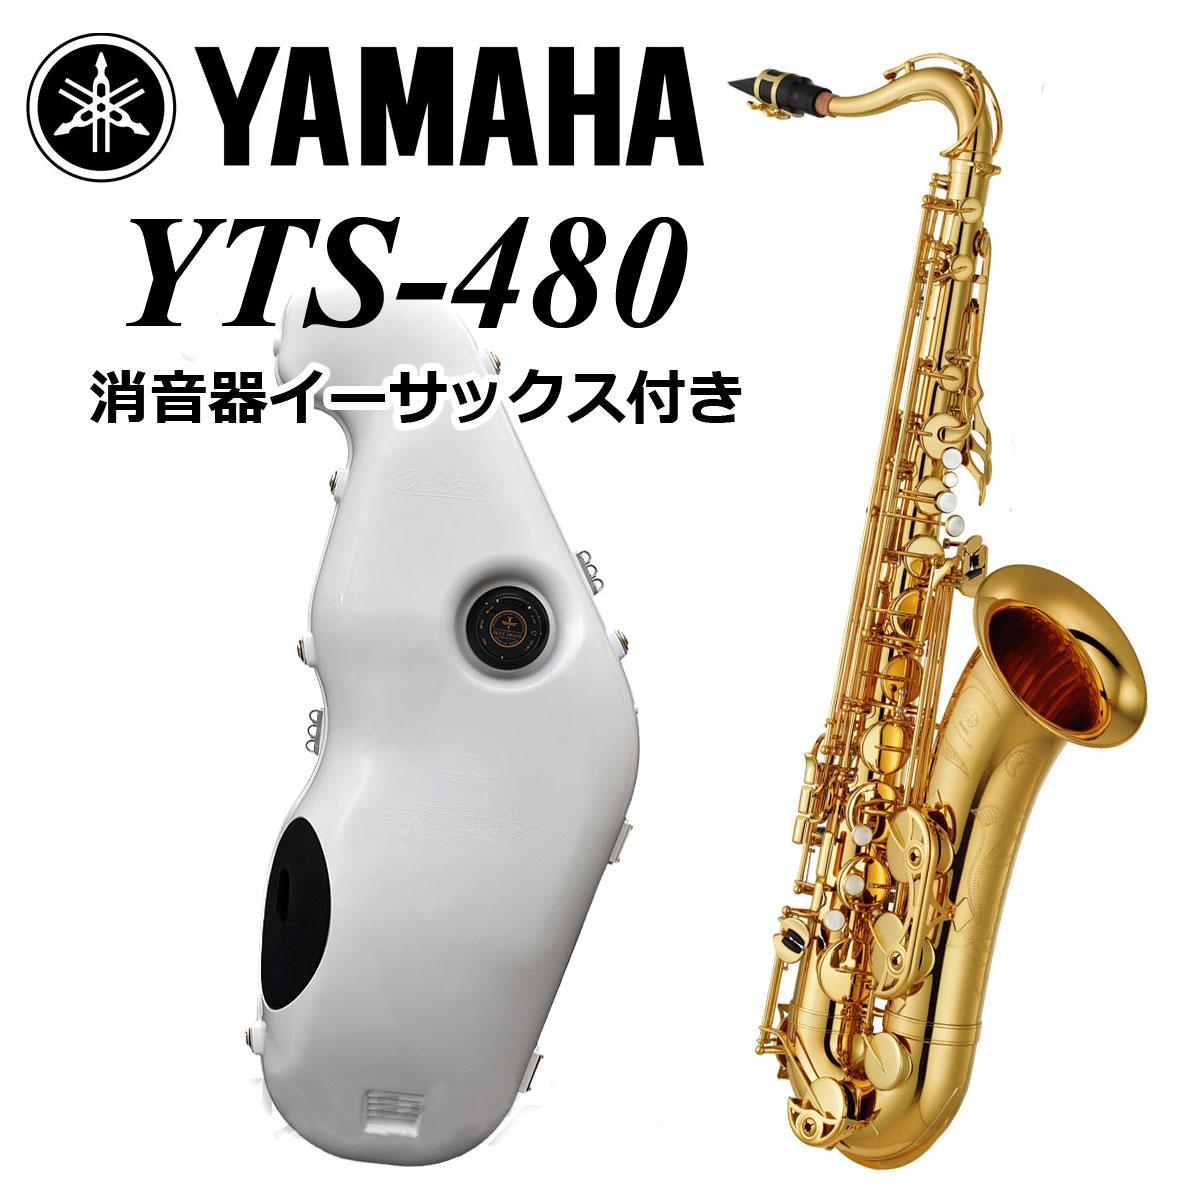 YAMAHA / YTS480 ヤマハ スタンダード テナーサックス 【消音器イーサックス付き】【5年保証】【横浜店】